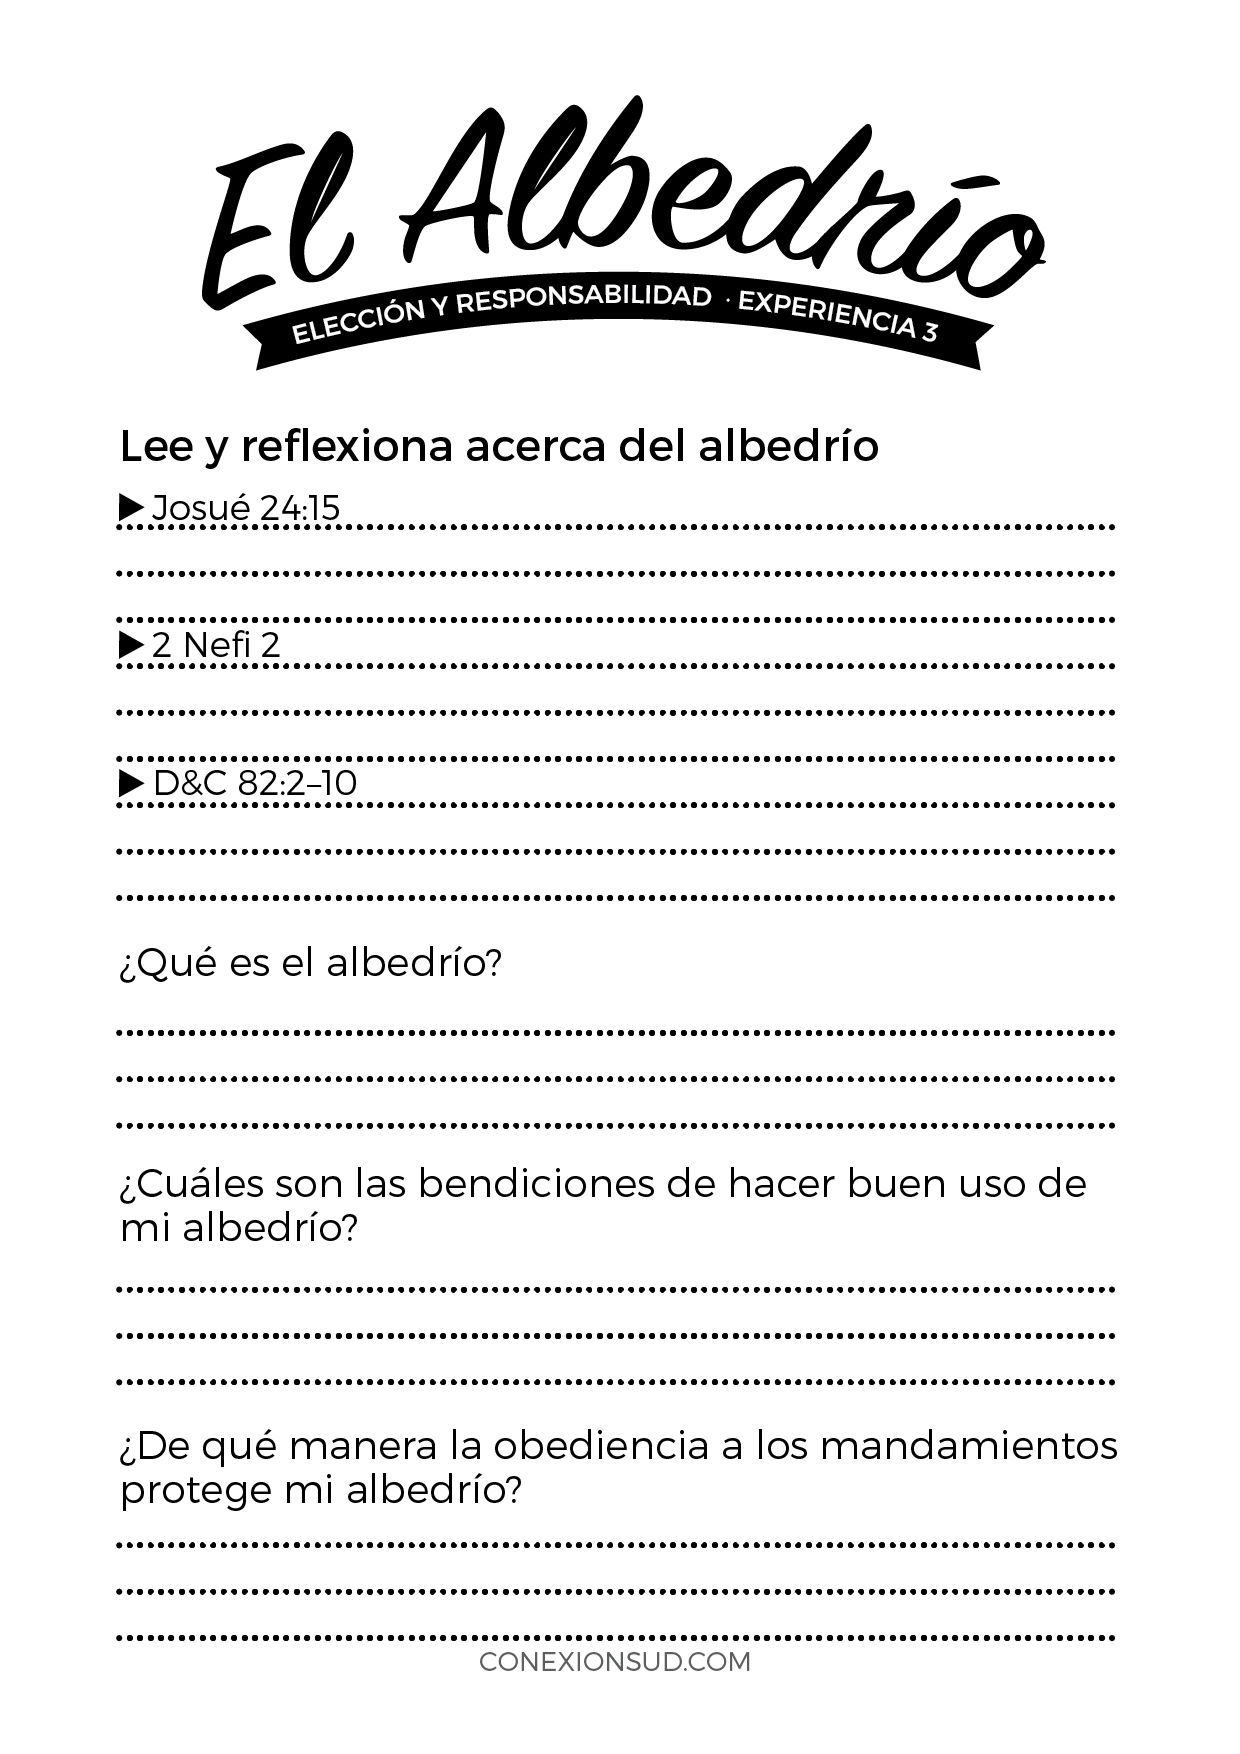 Eleccion y Responsabilidad 3 - ConexionSUD.com